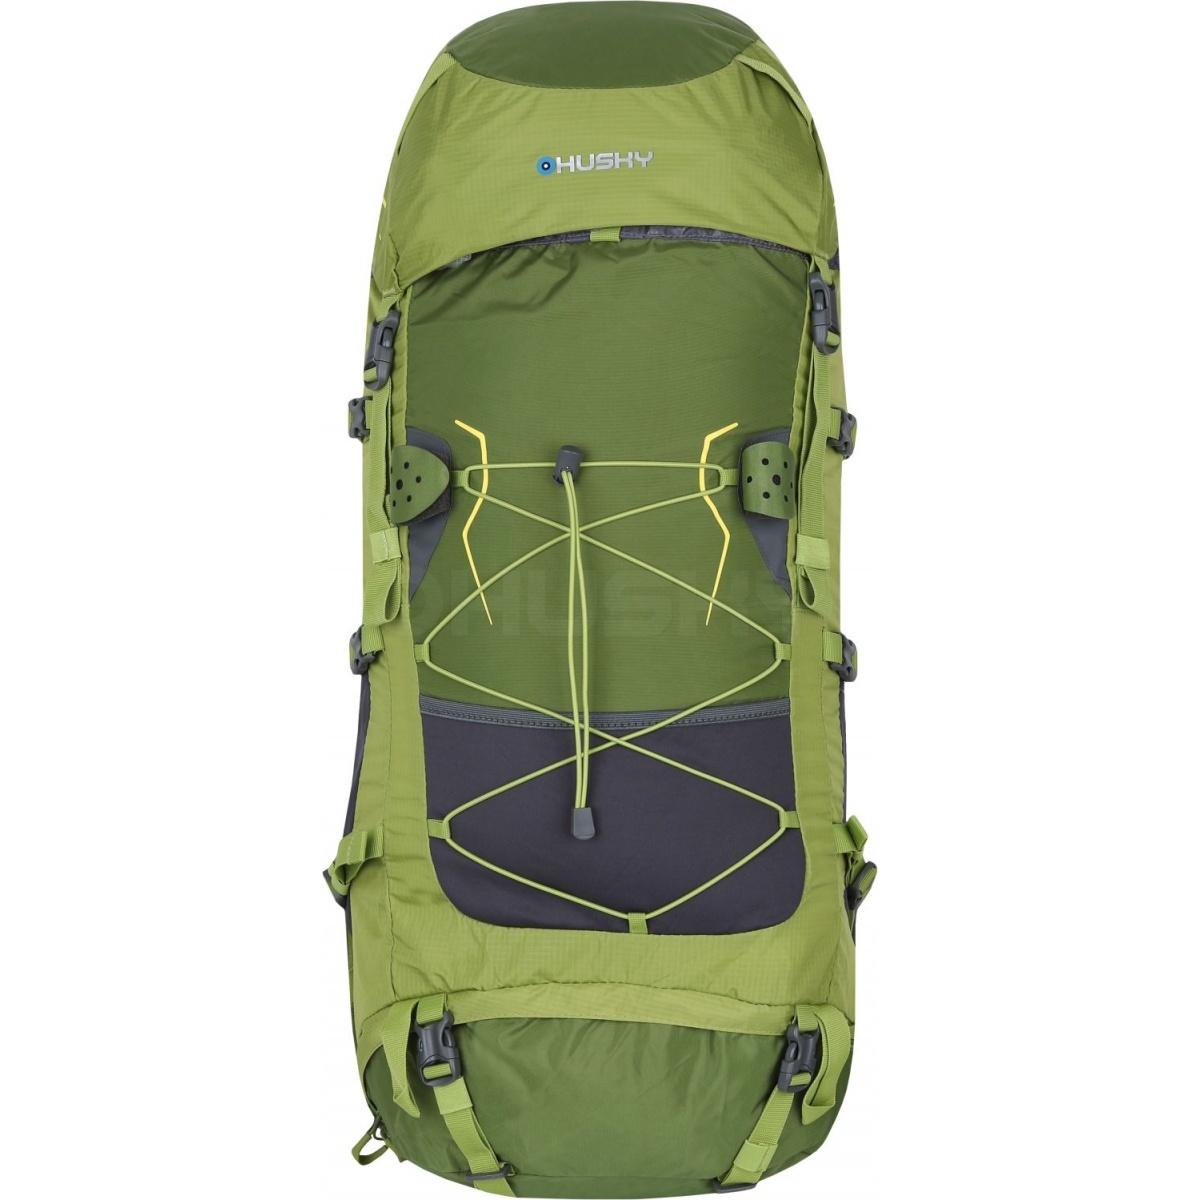 96c38e9ff28 E-SHOP výrobce - akce a slevy na outdoor vybavení